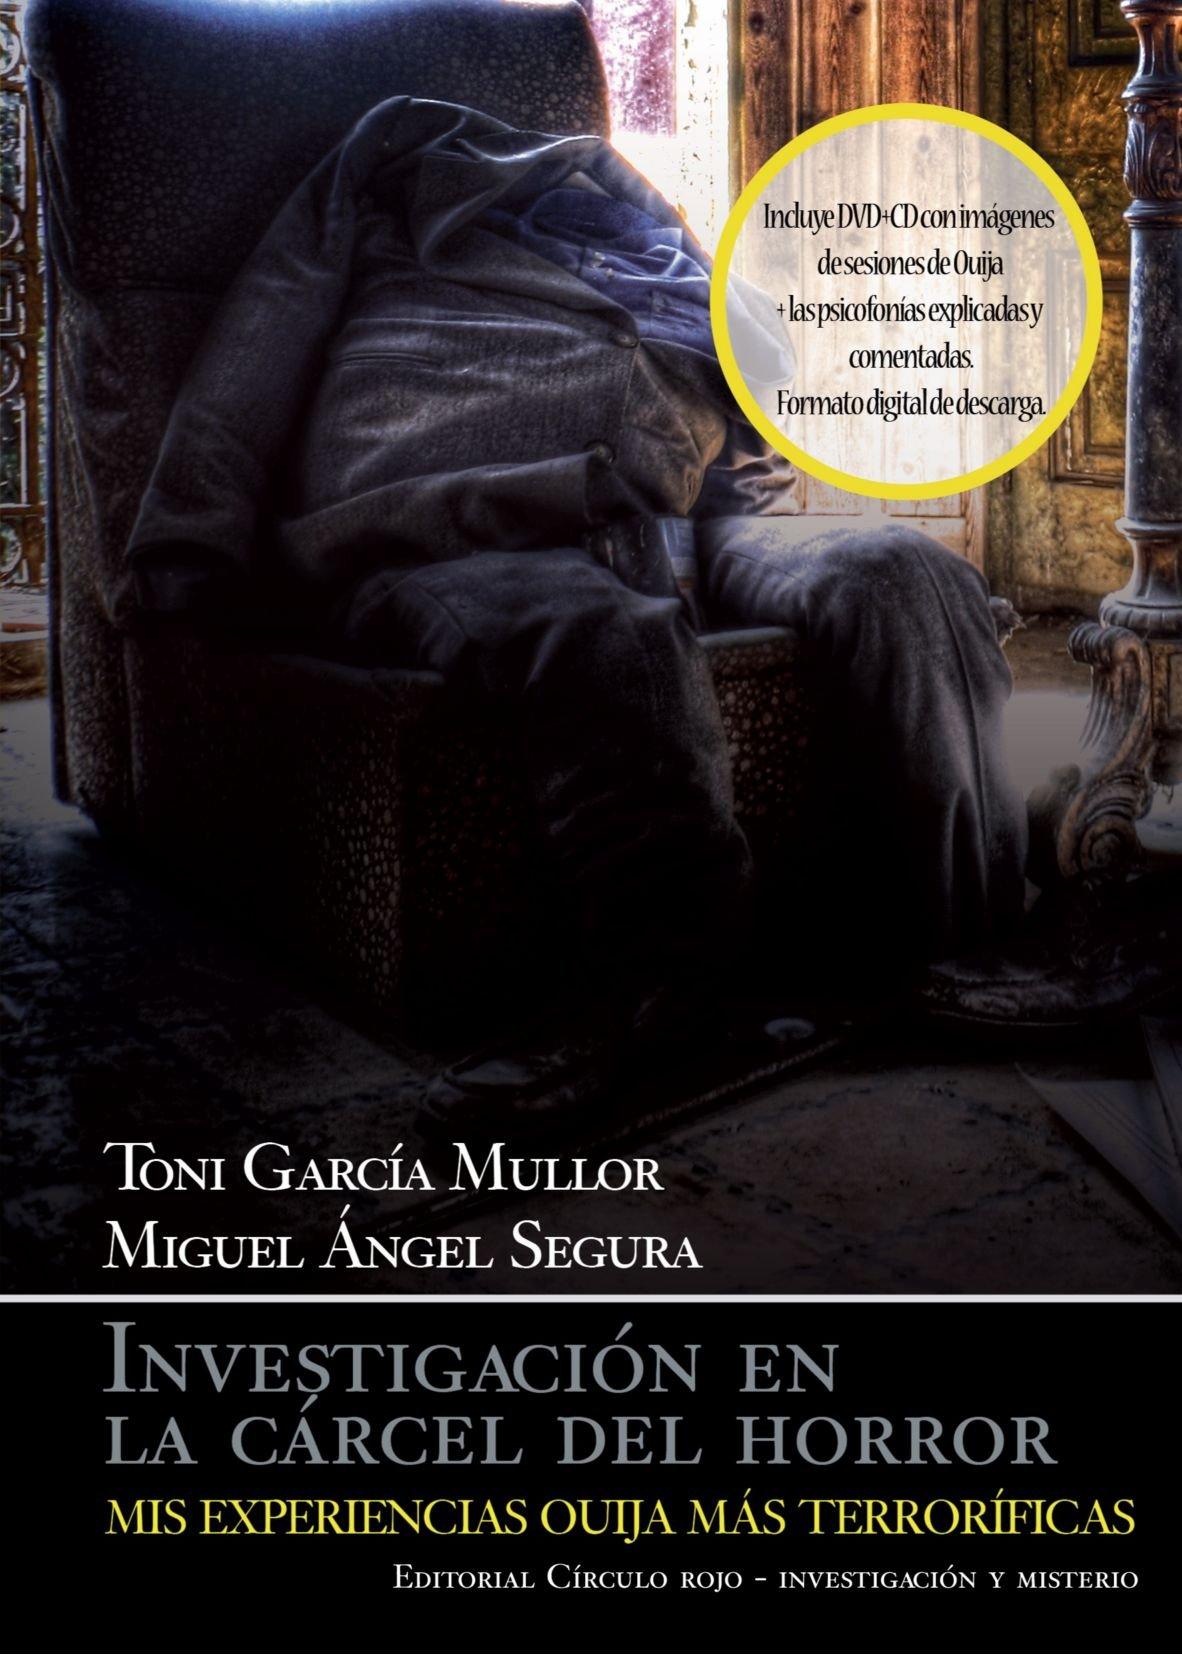 Investigación en la carcel del Horror: Mis experiencias Quija mas Terroficas: Amazon.es: Segura, Miguel Ángel, Mullor, Toni Garcia: Libros